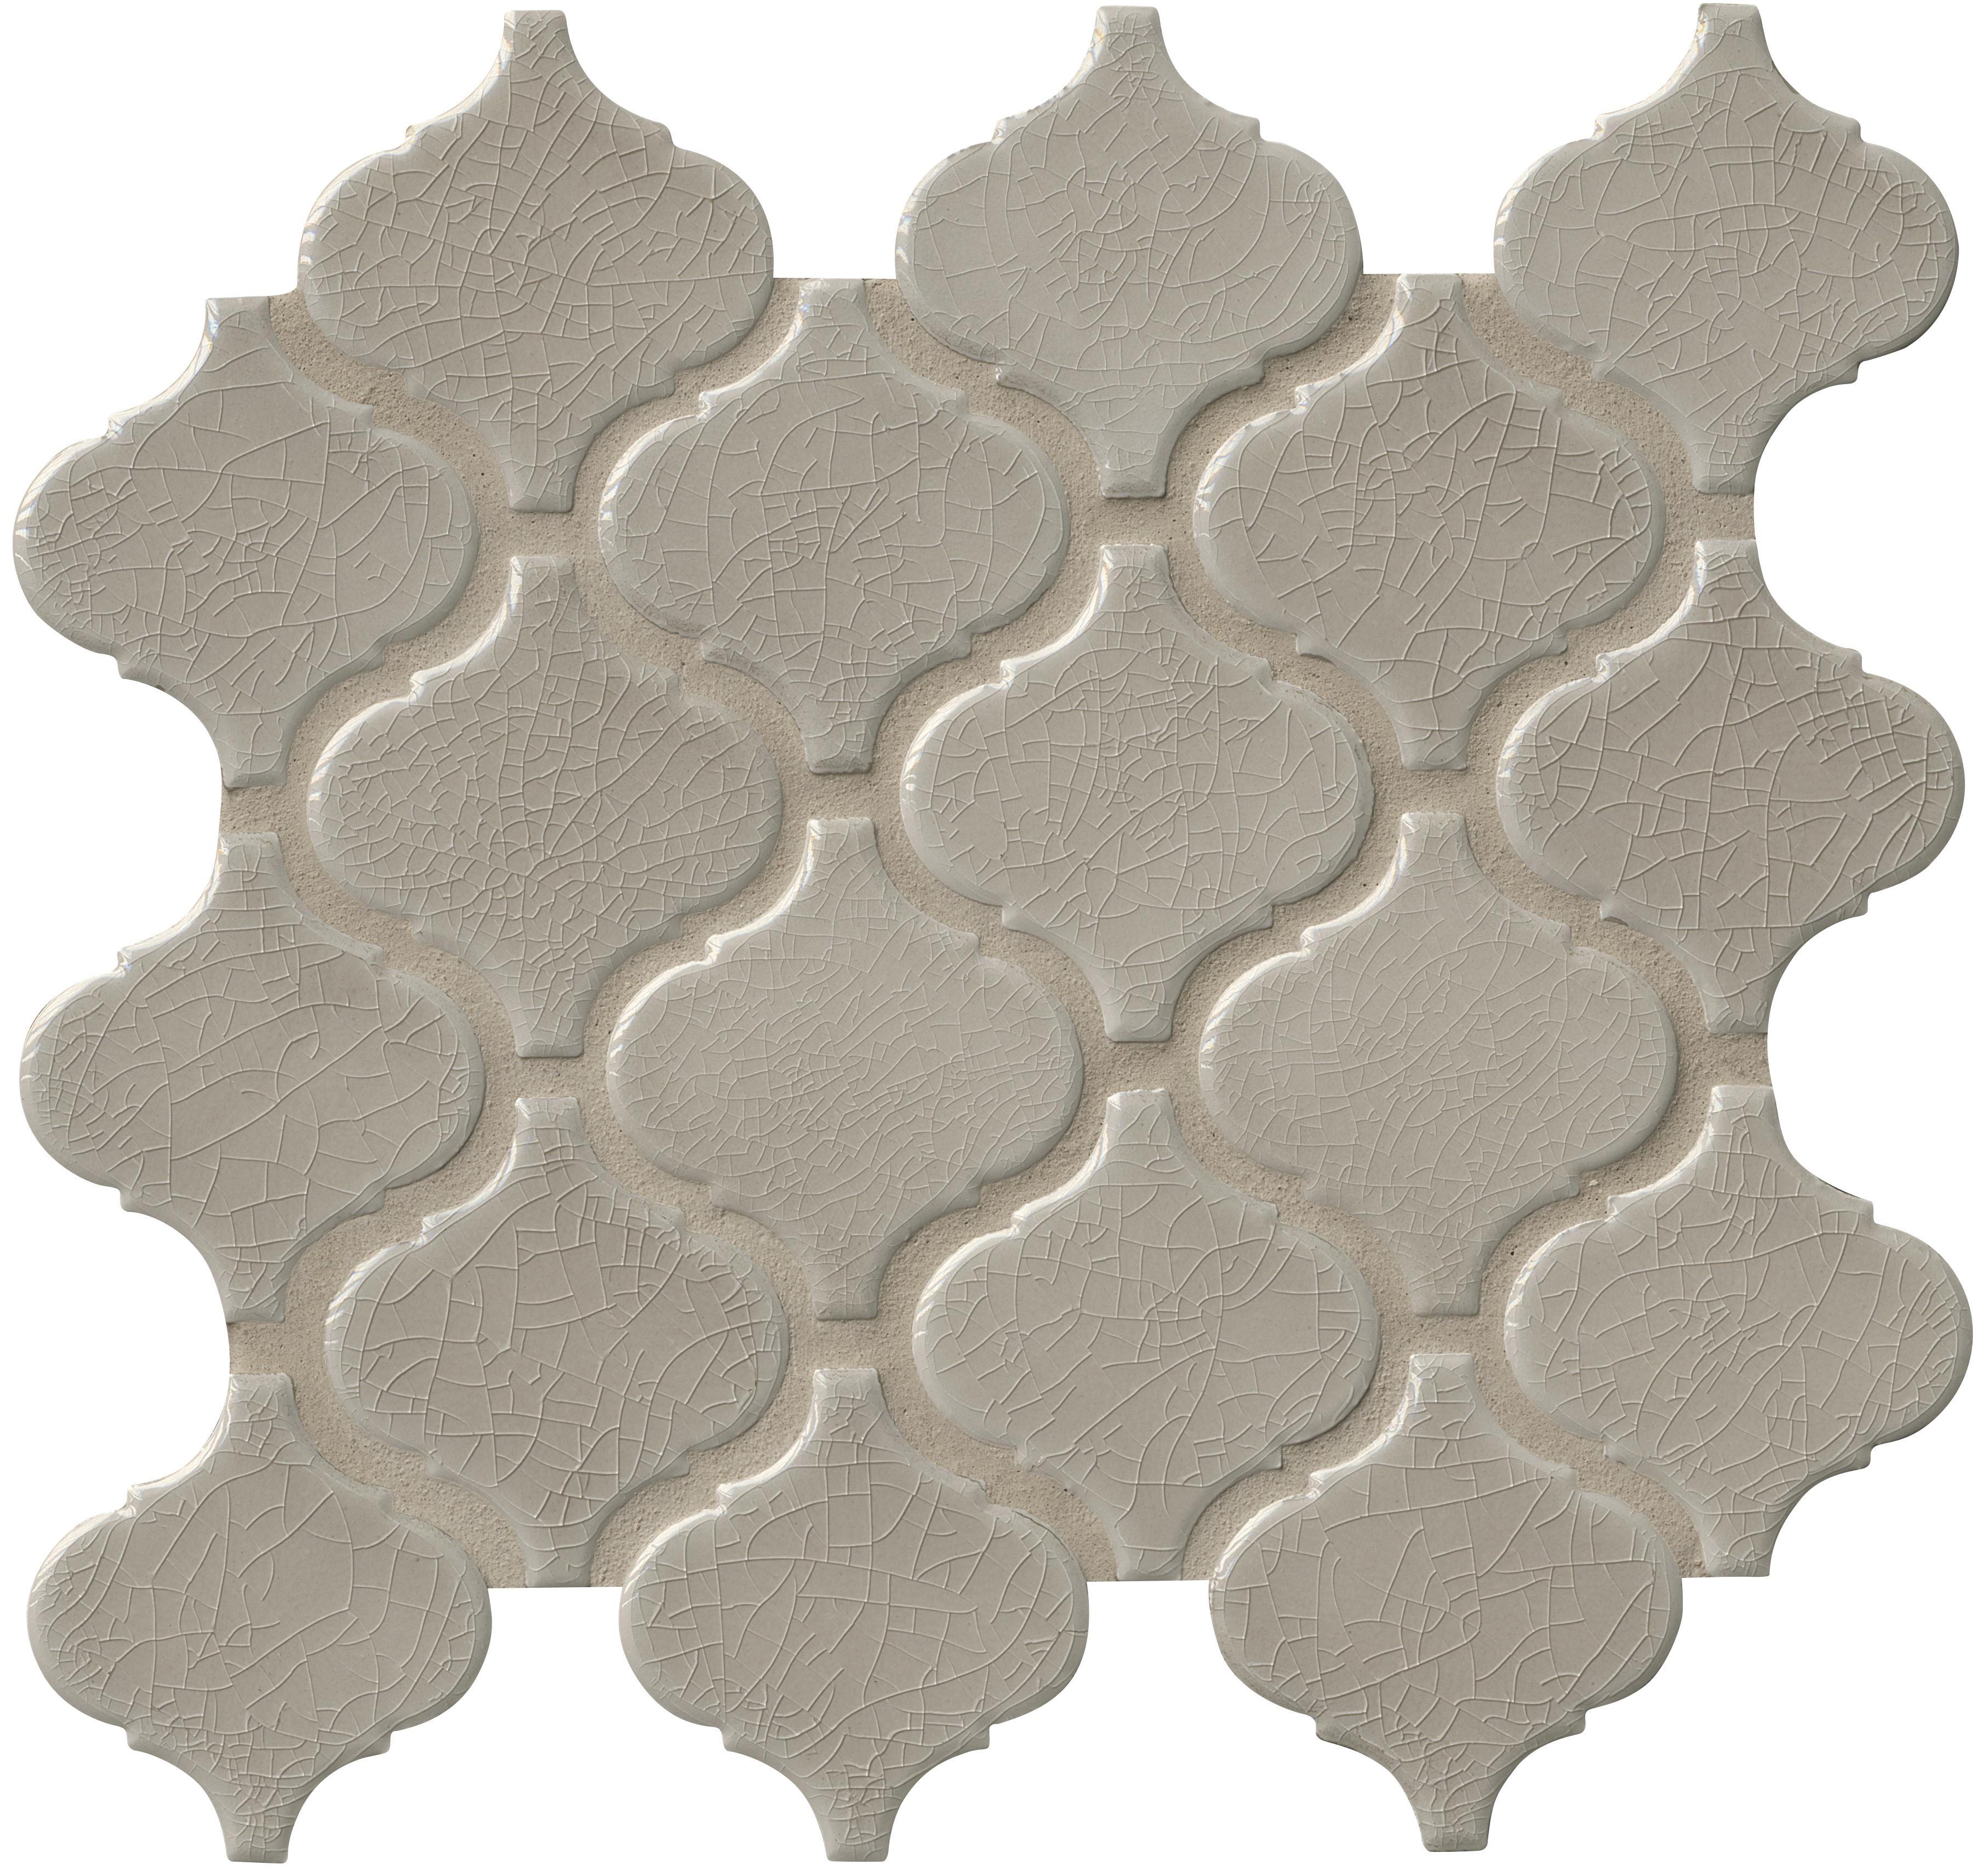 Arabesque 6mm / Pattern / Glossy Porcelain Tile - Fog 0